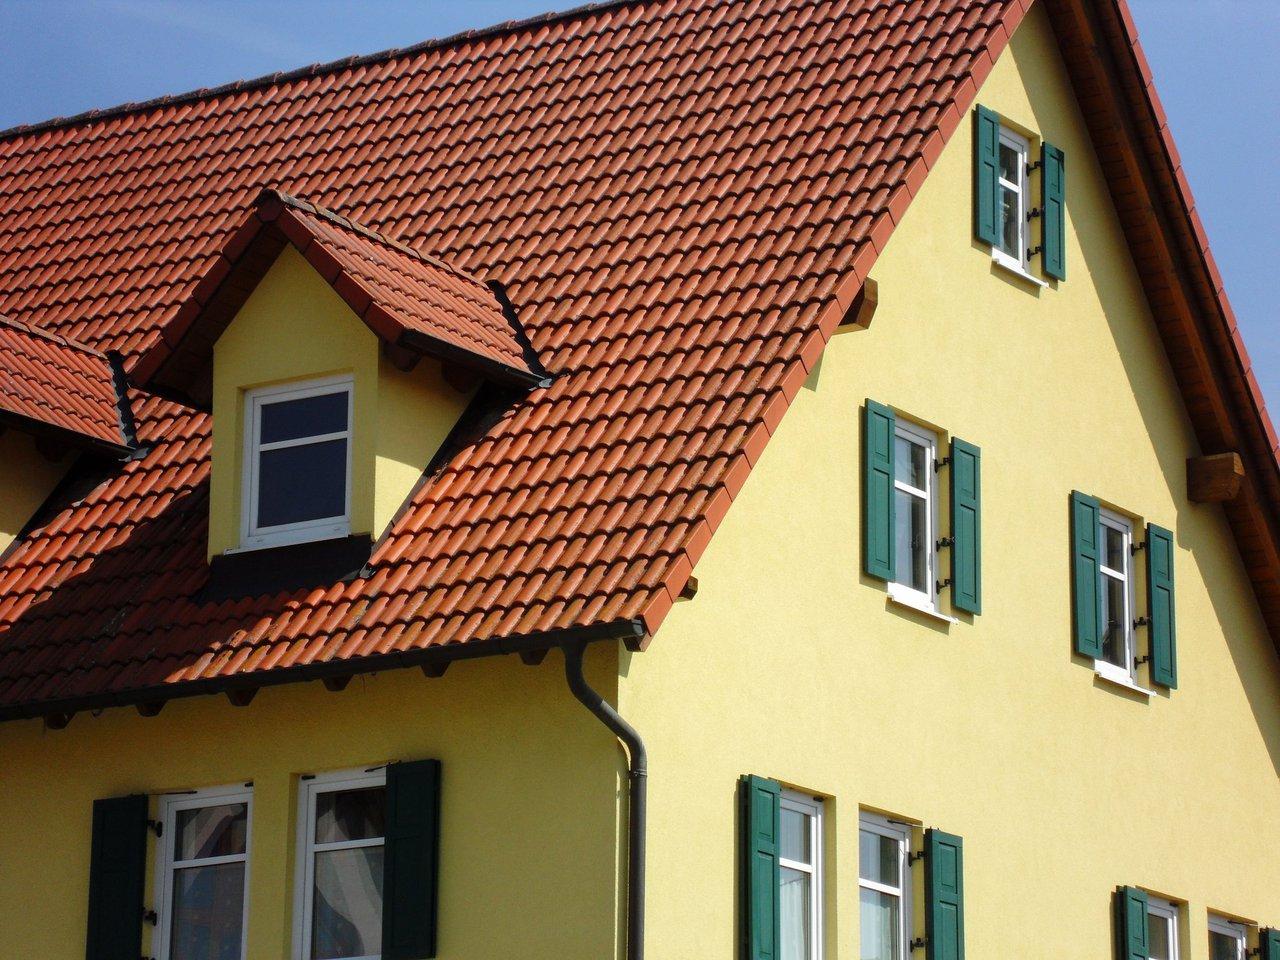 Fassadensanierung - neues Gewand für alte Häuser